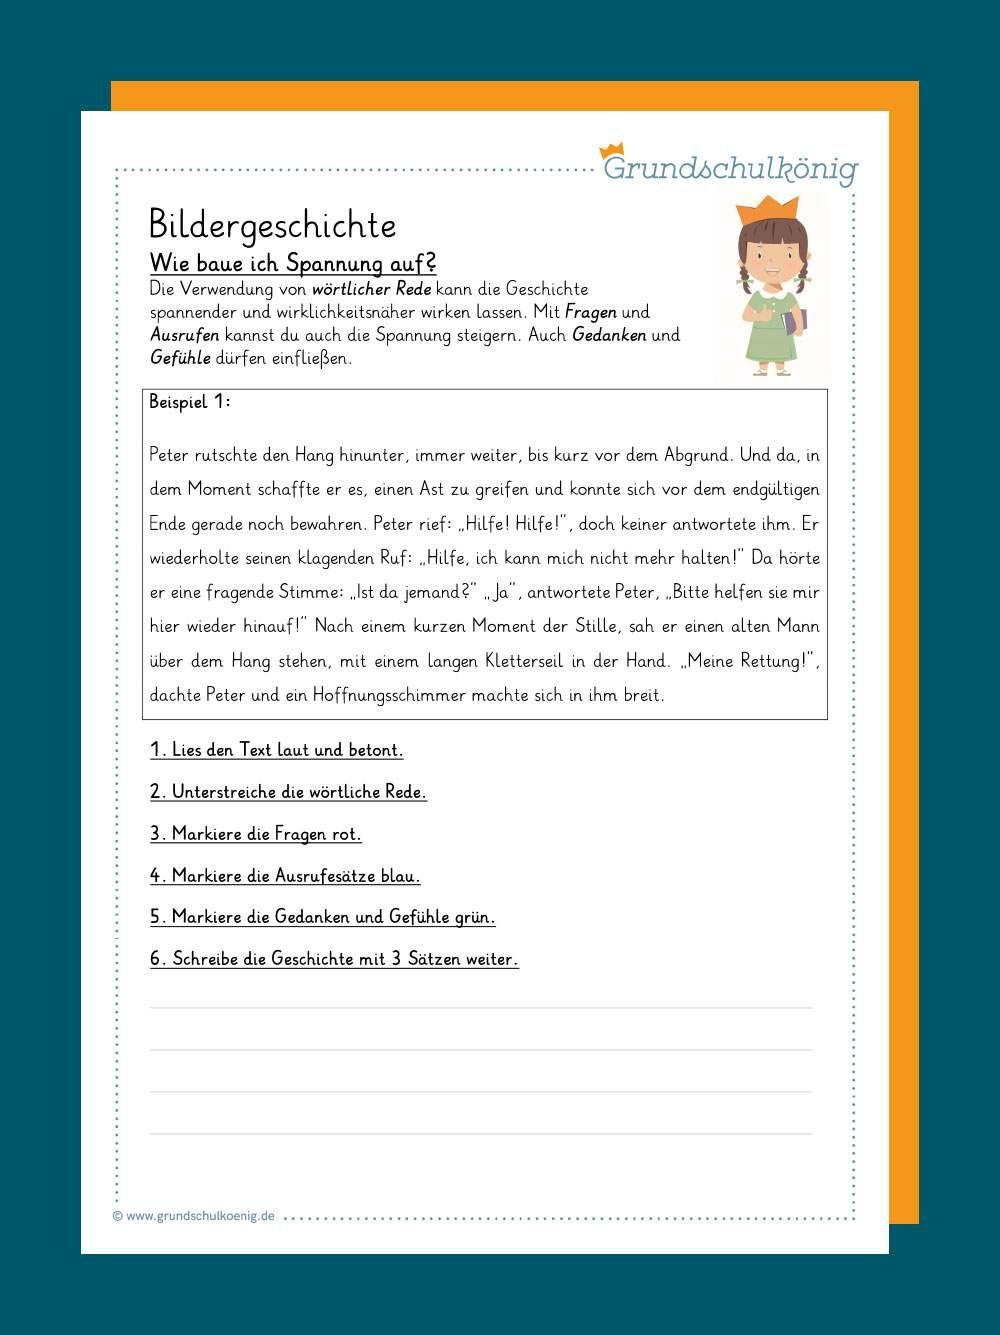 Grundschule Bildergeschichte / Eine Geschichte Schreiben 3